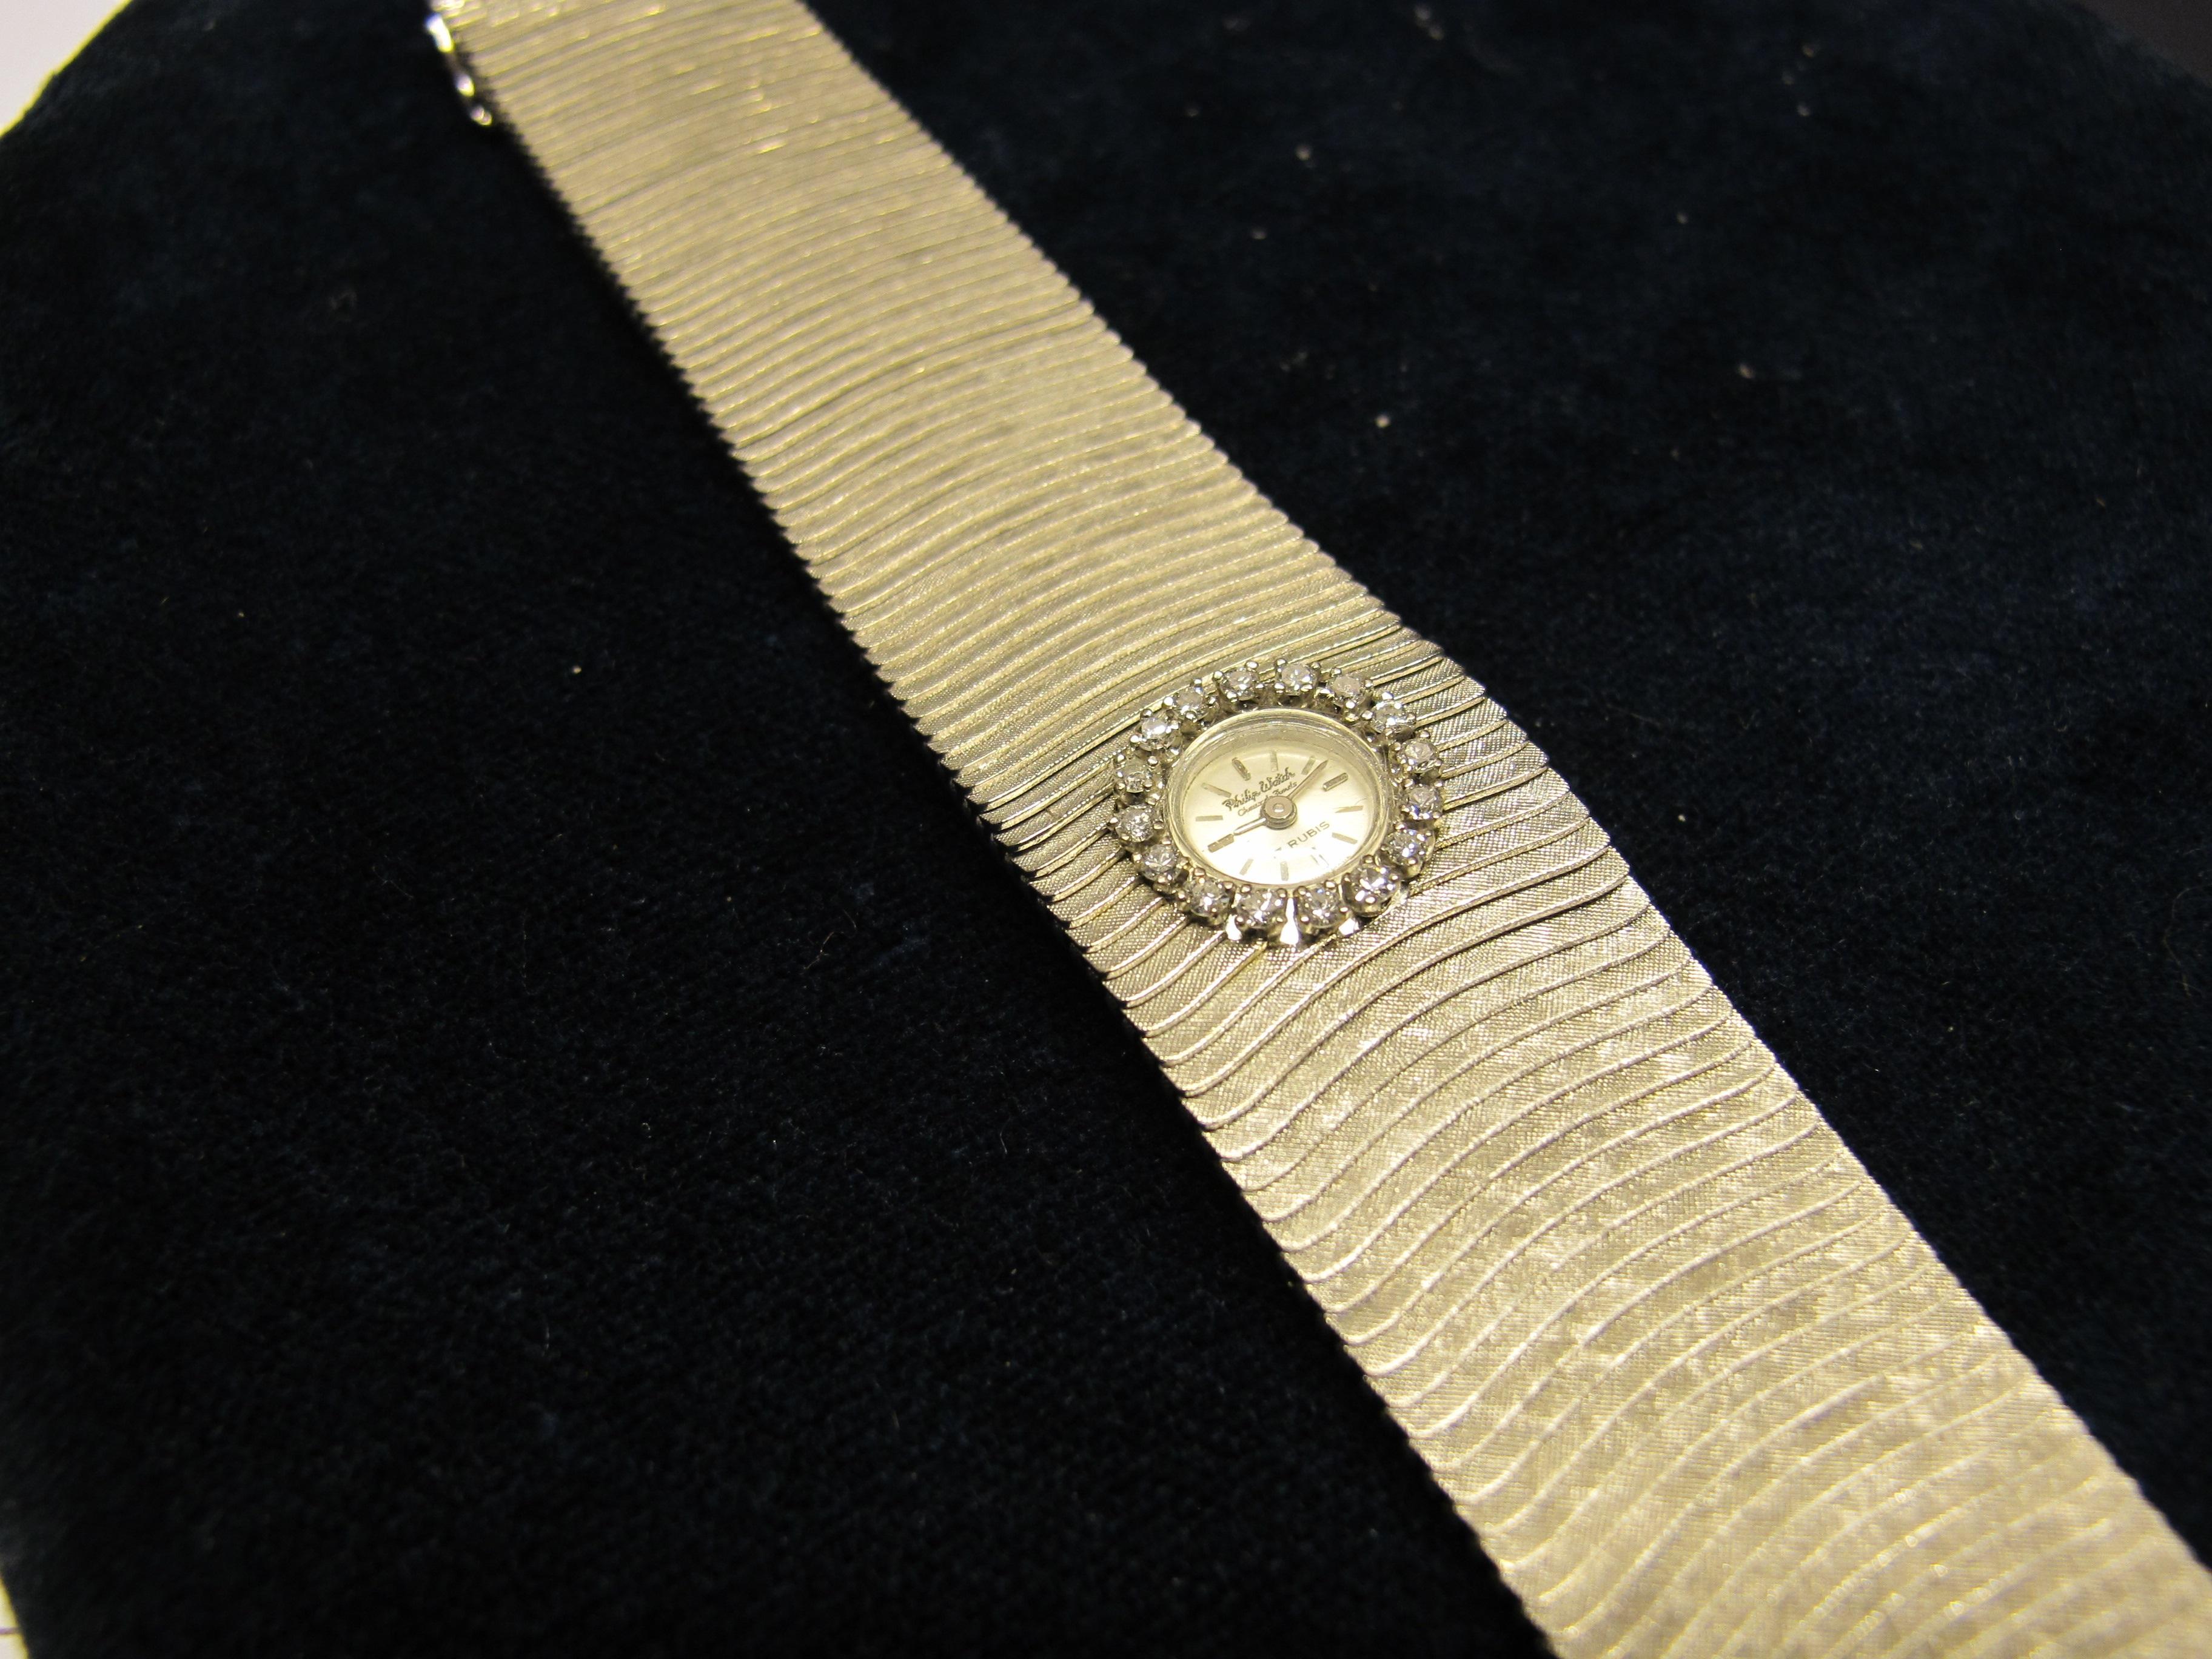 1 orologio philip watch fascia  oro bianco